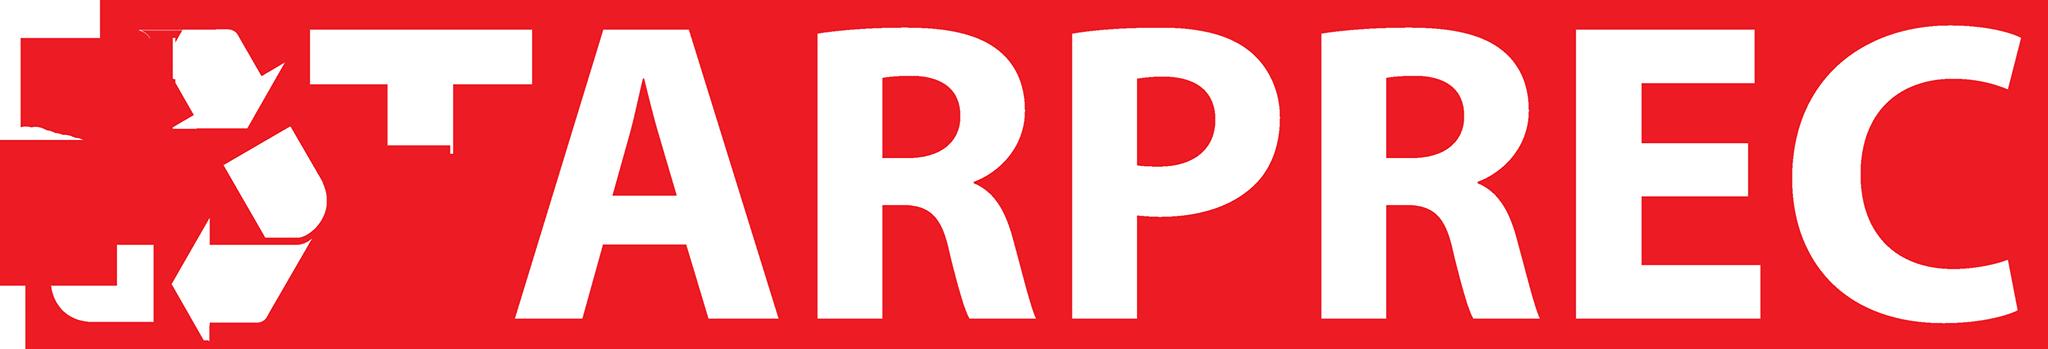 TARPREC Logo